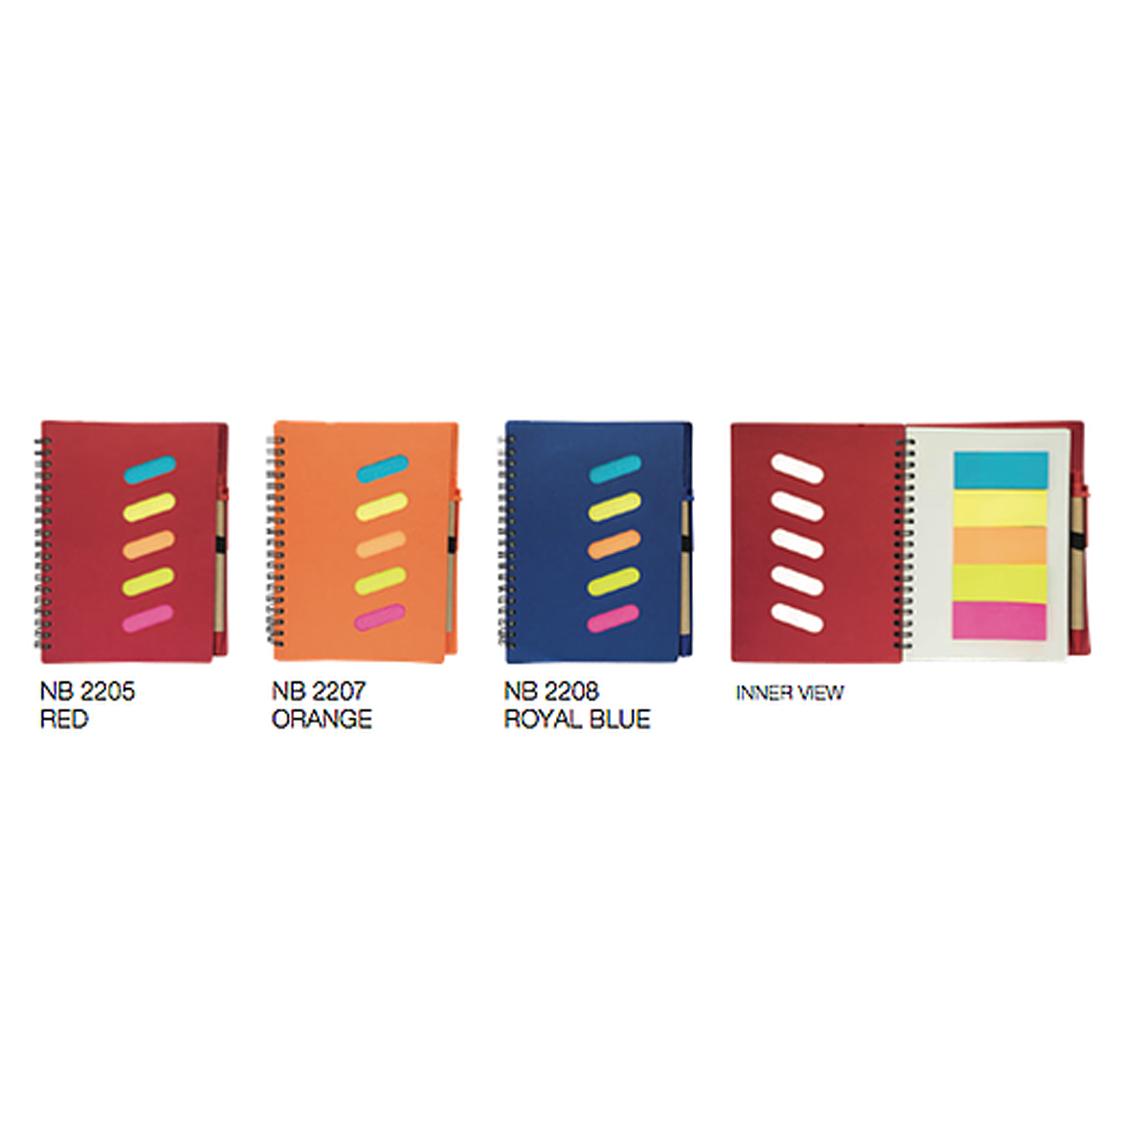 NB22 (70 Sheets) OPP Bag 5